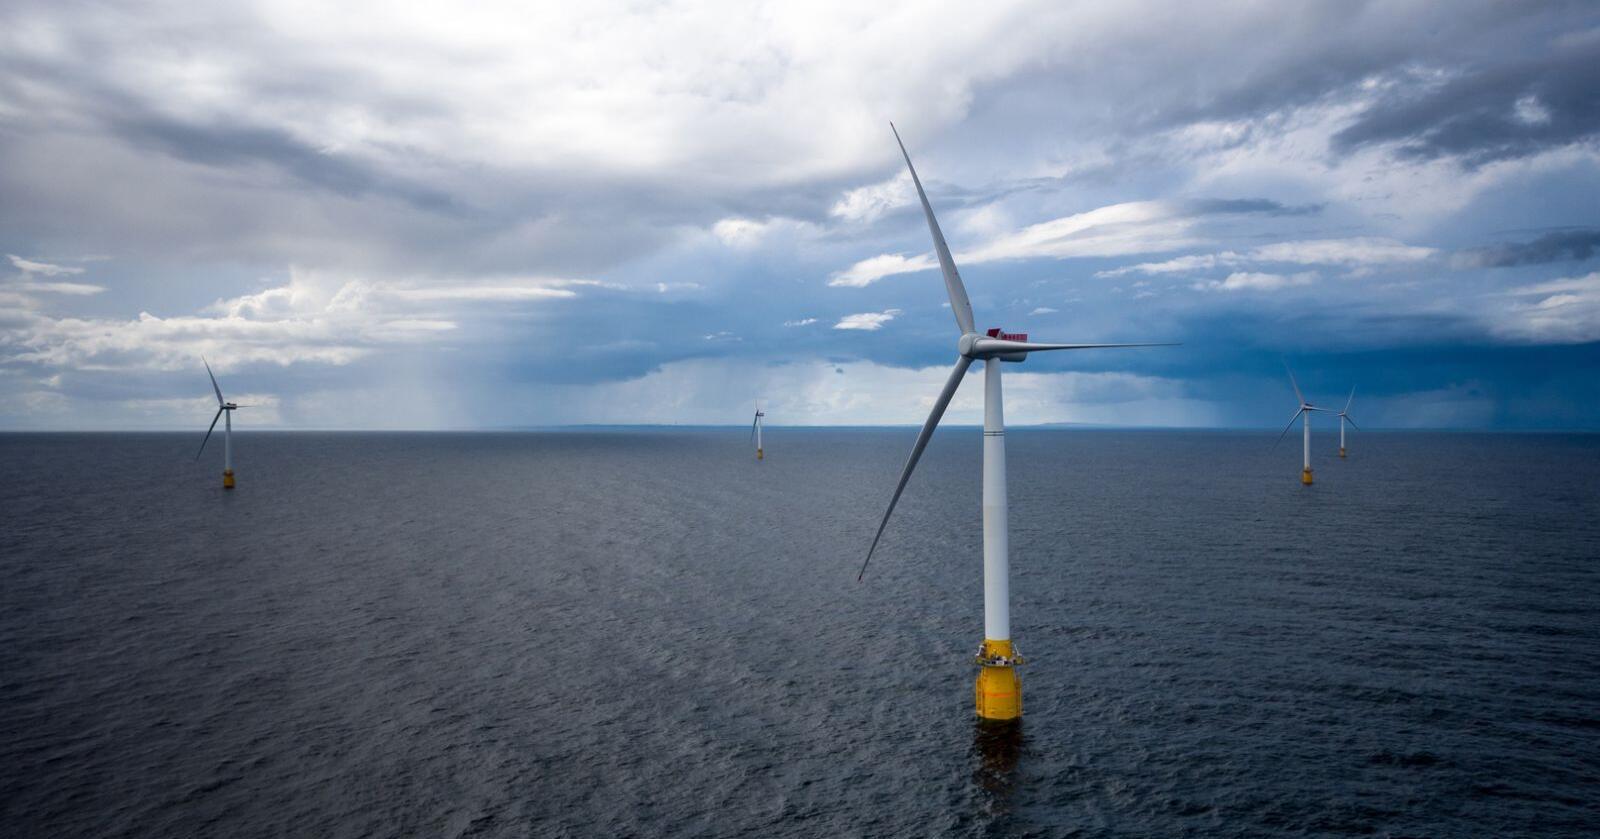 Regjeringa skal satse hardt på havvind. Biletet er frå Equinors Hywind Buchan vindmølleanlegg utanfor Skottland. Foto: Øyvind Gravås / Equinor / NTB / NPK